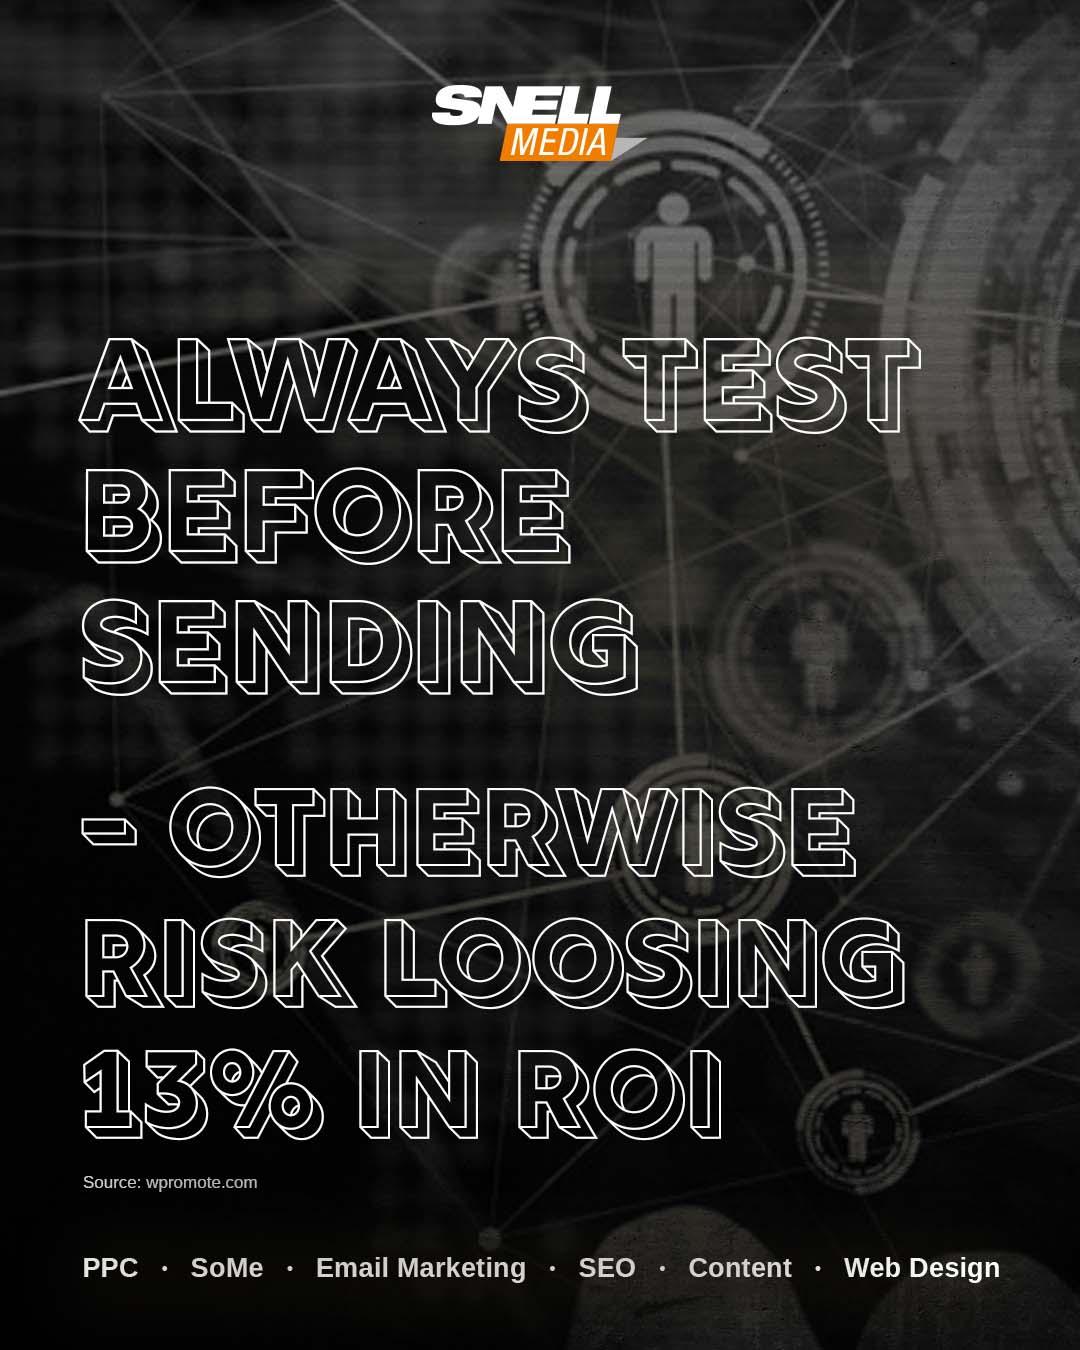 Always Test Before Sending